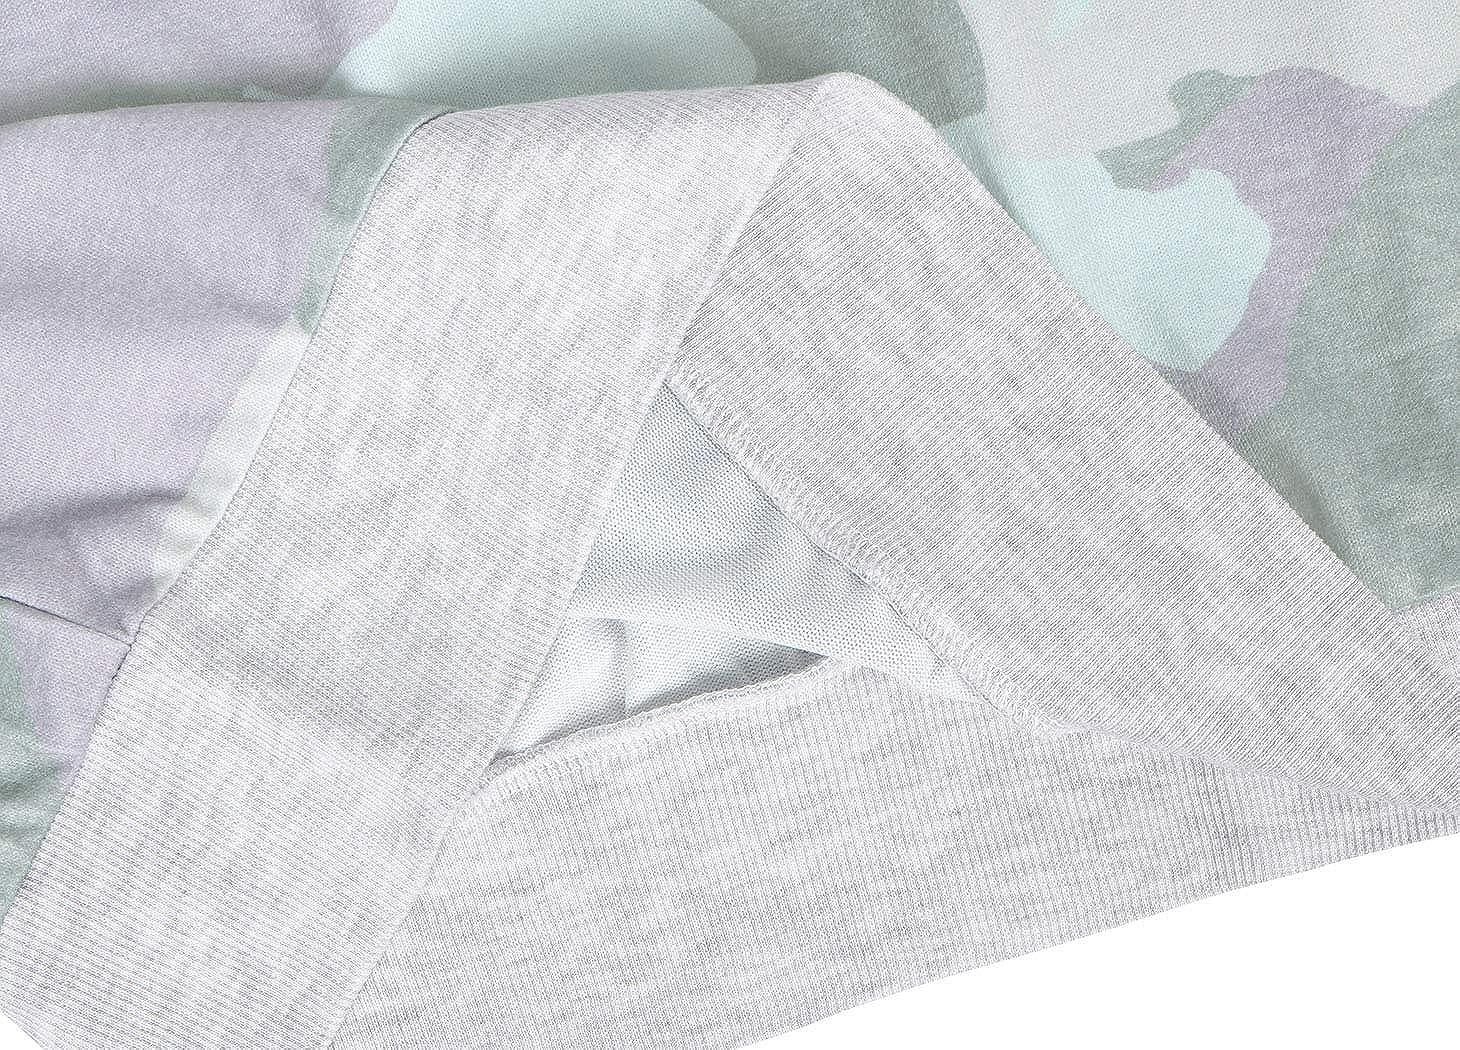 HenzWorld Abrigo de Lana para Mujer Tops de Manga Larga de Color S/ólido Sudadera para Mujer Cuello Redondo Fuzzy Sherpa Pullover